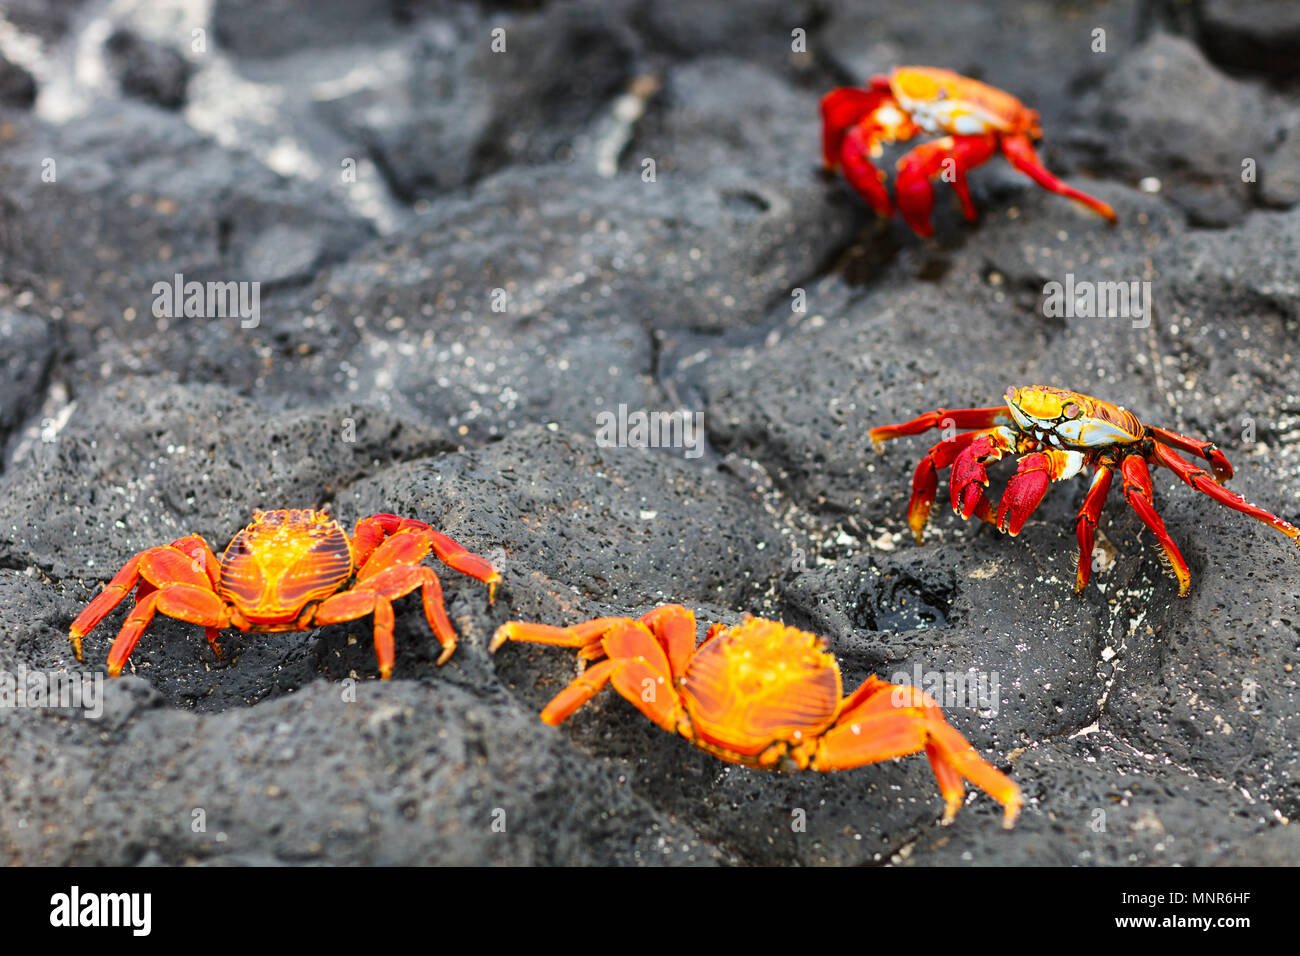 Cangrejos Sally Lightfoot sobre una roca de lava negra Imagen De Stock